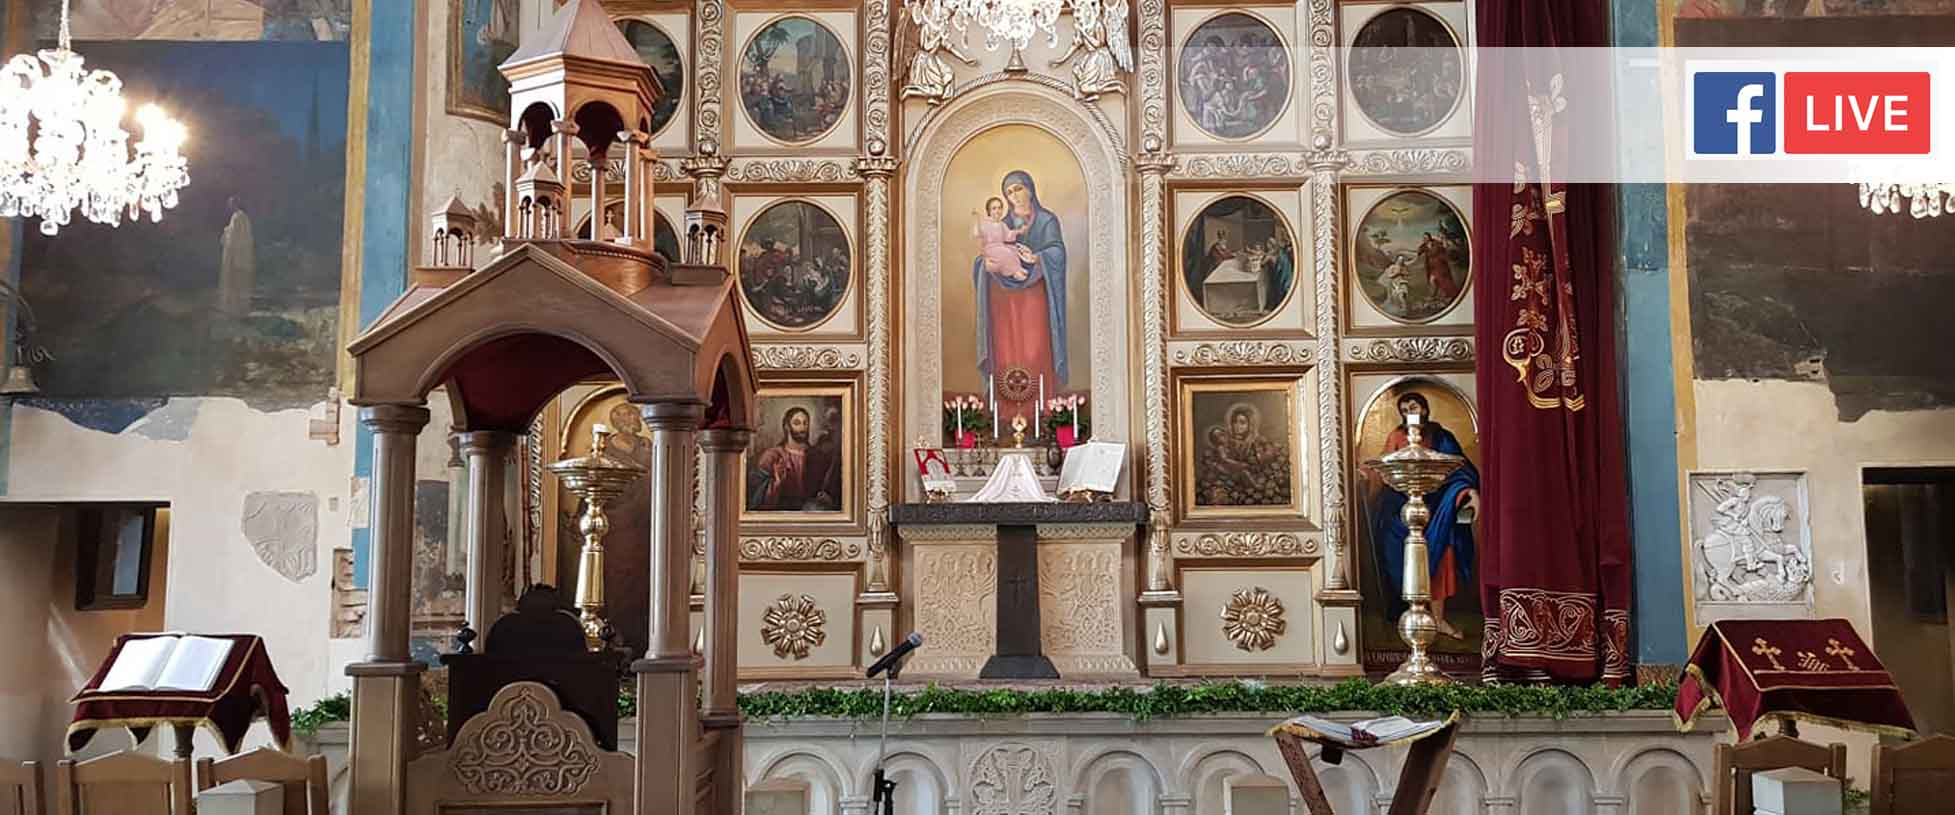 Ծաղկազարդի տոնի Սբ. Պատարագը Թբիլիսիի Սբ Գևորգ եկեղեցում